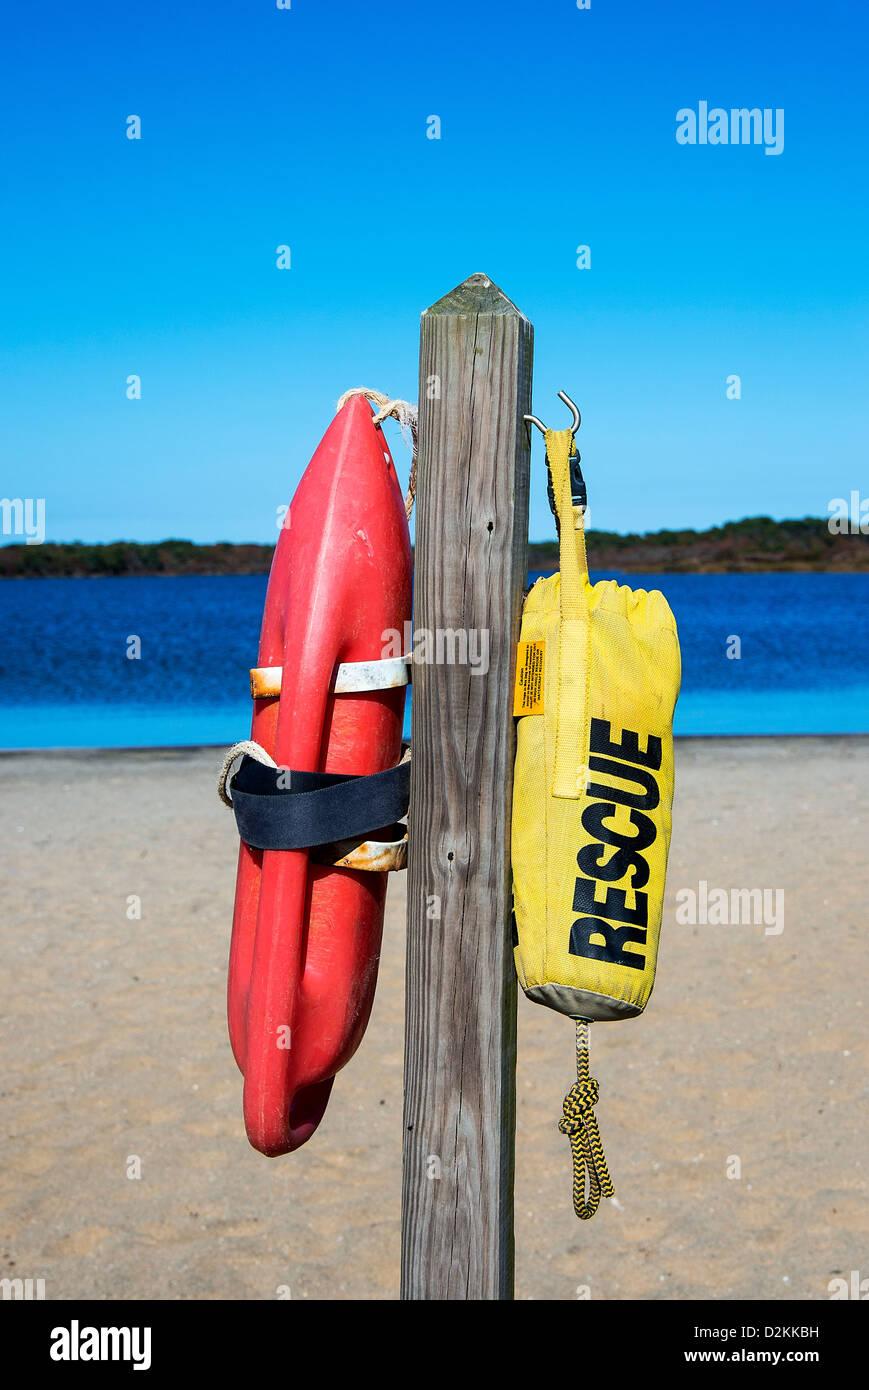 Galleggianti di salvataggio in una spiaggia, Massachusetts, STATI UNITI D'AMERICA Immagini Stock